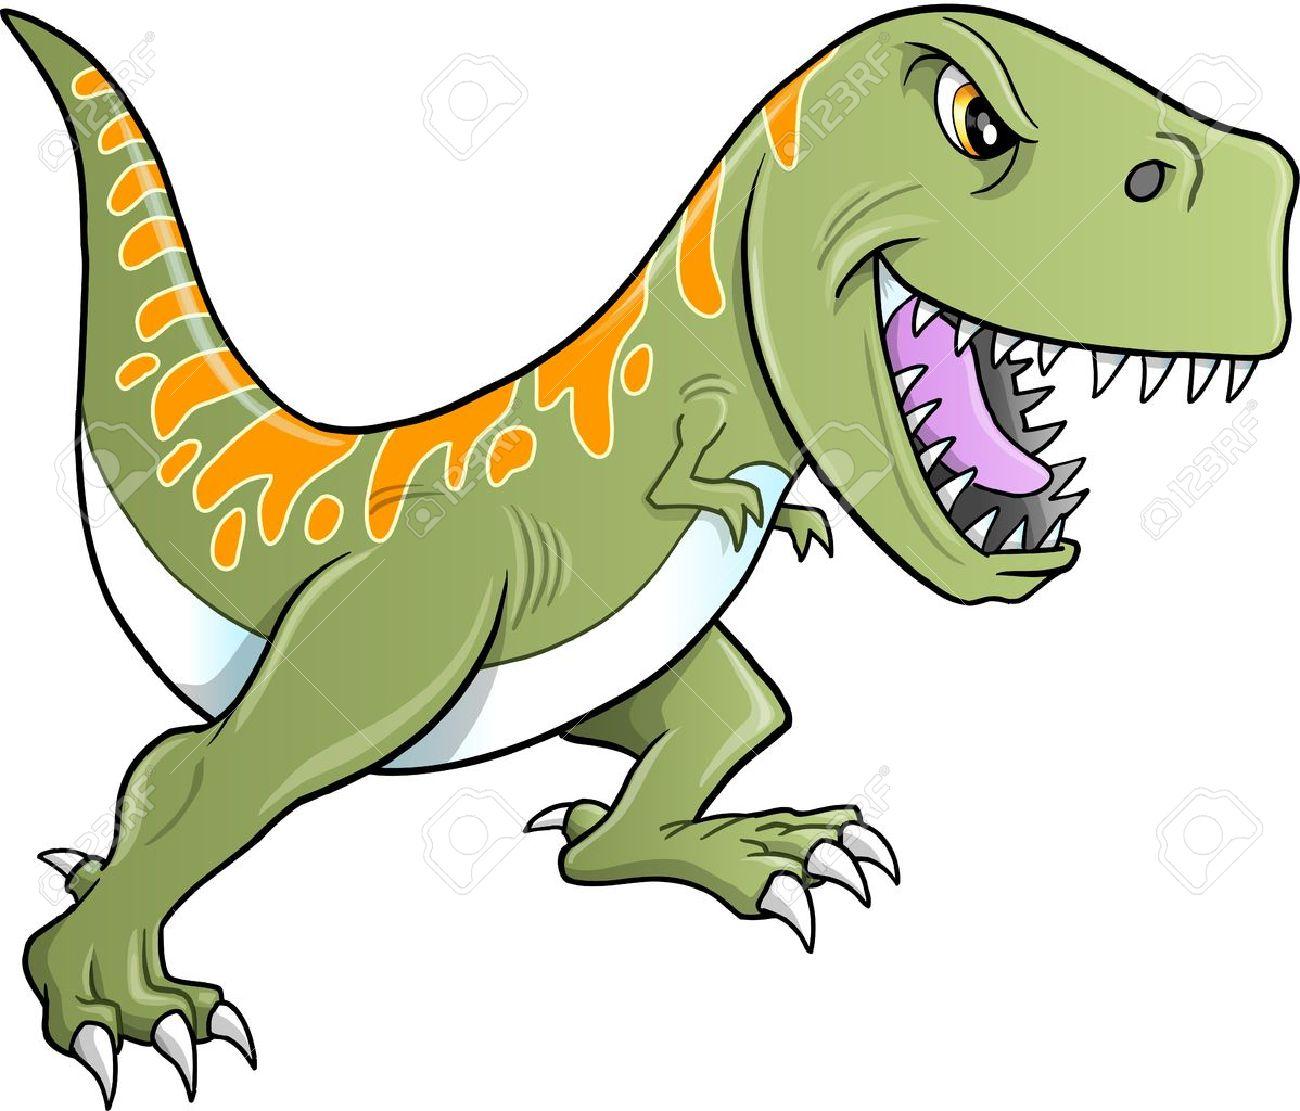 タフなティラノサウルス恐竜イラストのイラスト素材ベクタ Image